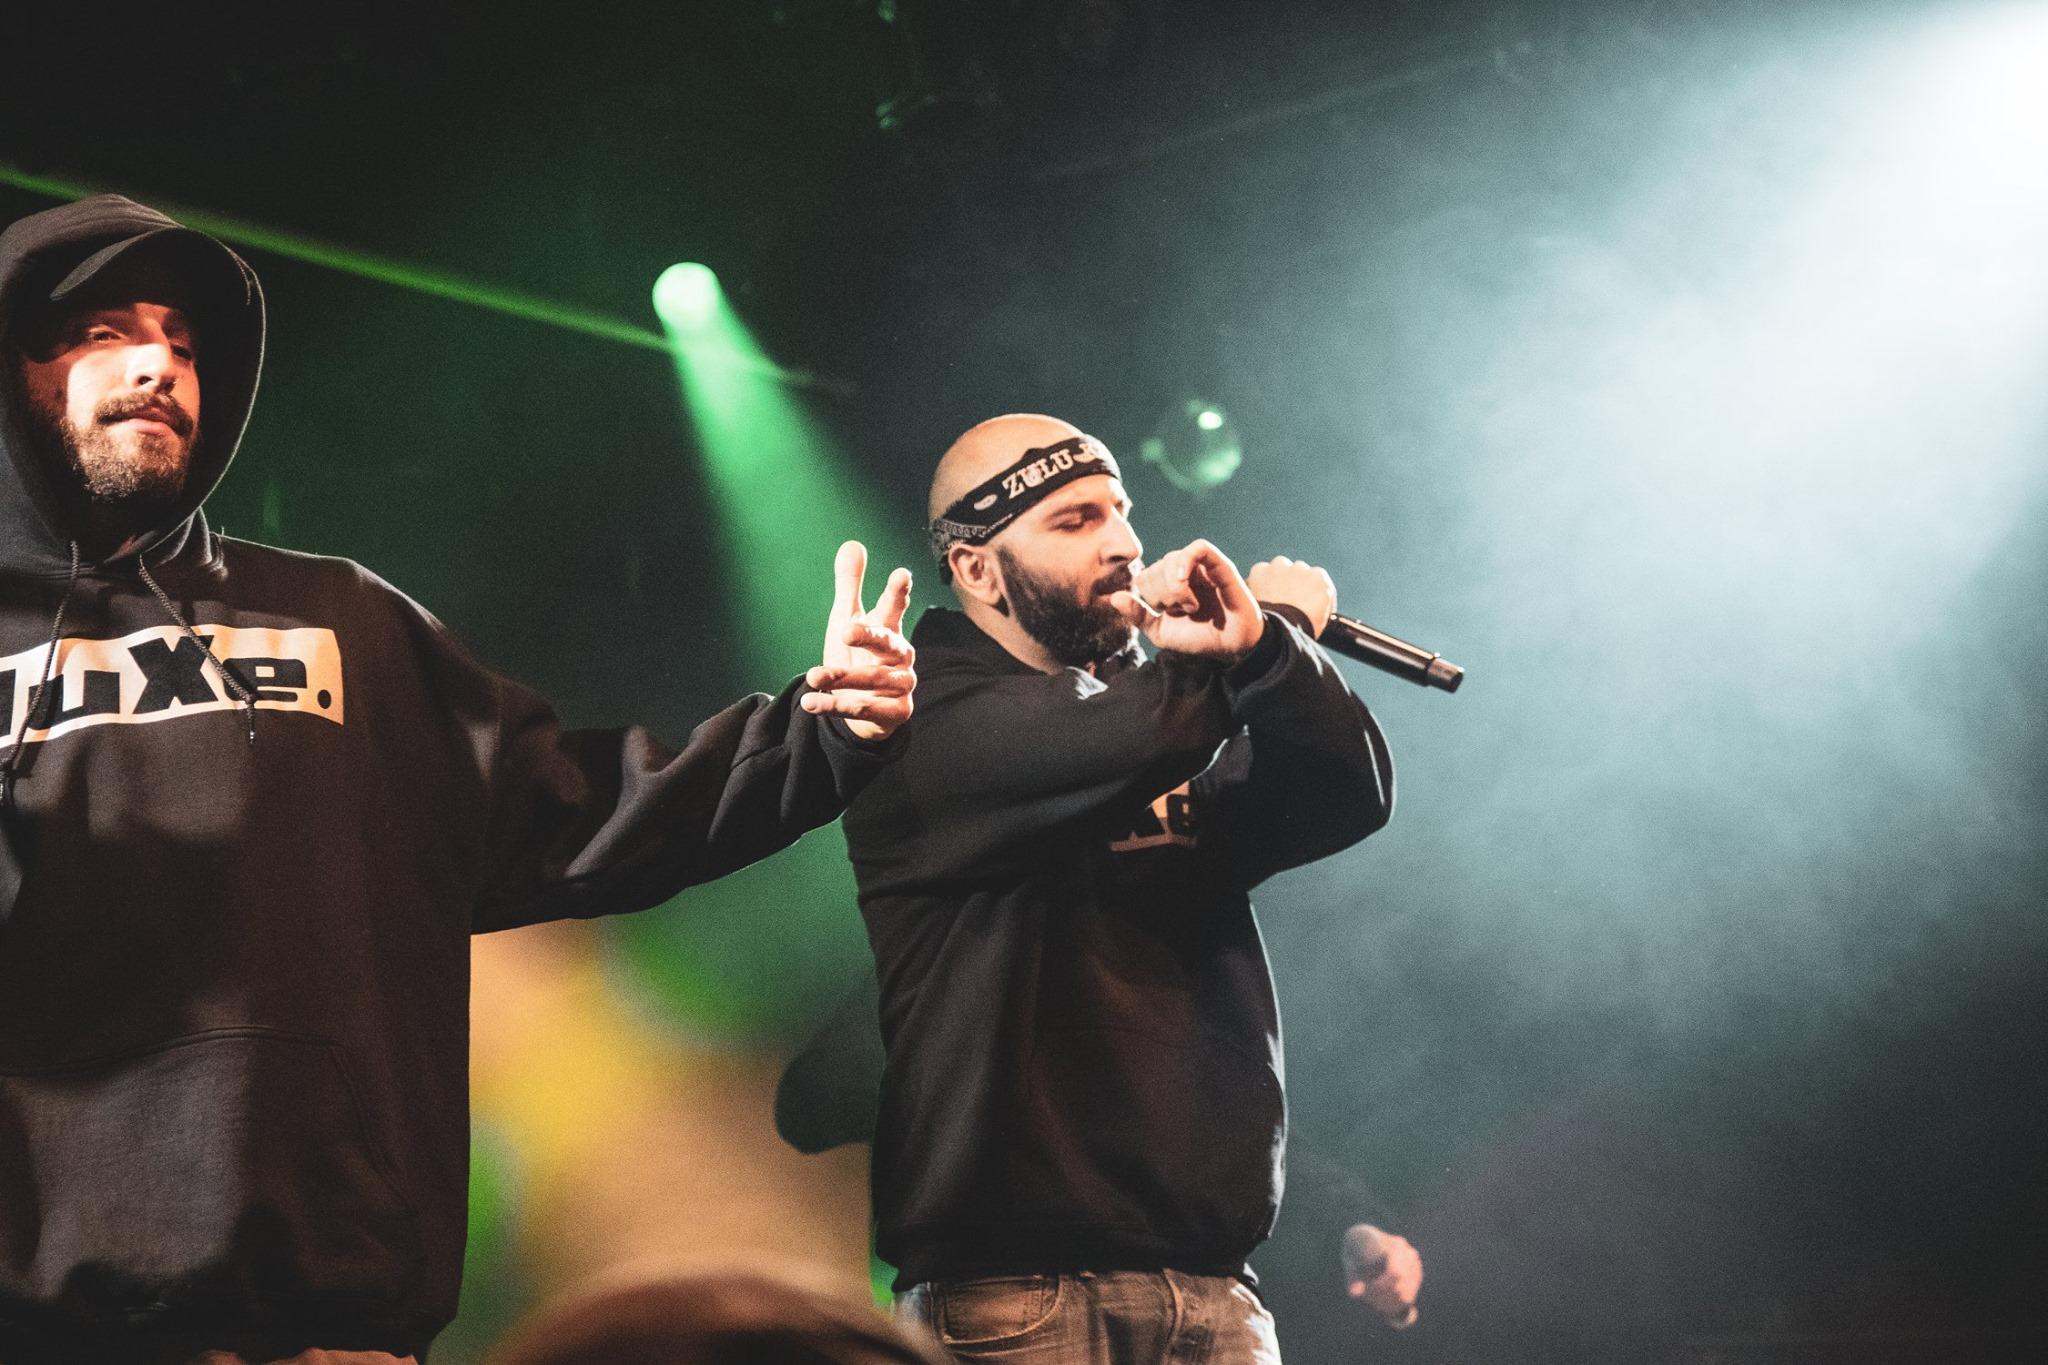 soirée hip hop paris aujourd hui soirée hip hop paris ce soir soirée hip hop paris 31 décembre soirée hip hop paris jeudi soirée hip hop paris vendredi soirée hip hop paris dimanche soirée hip hop paris bastille soirée hip hop paris gratuit soirée hip hop paris mardi soiree hip hop paris lundi